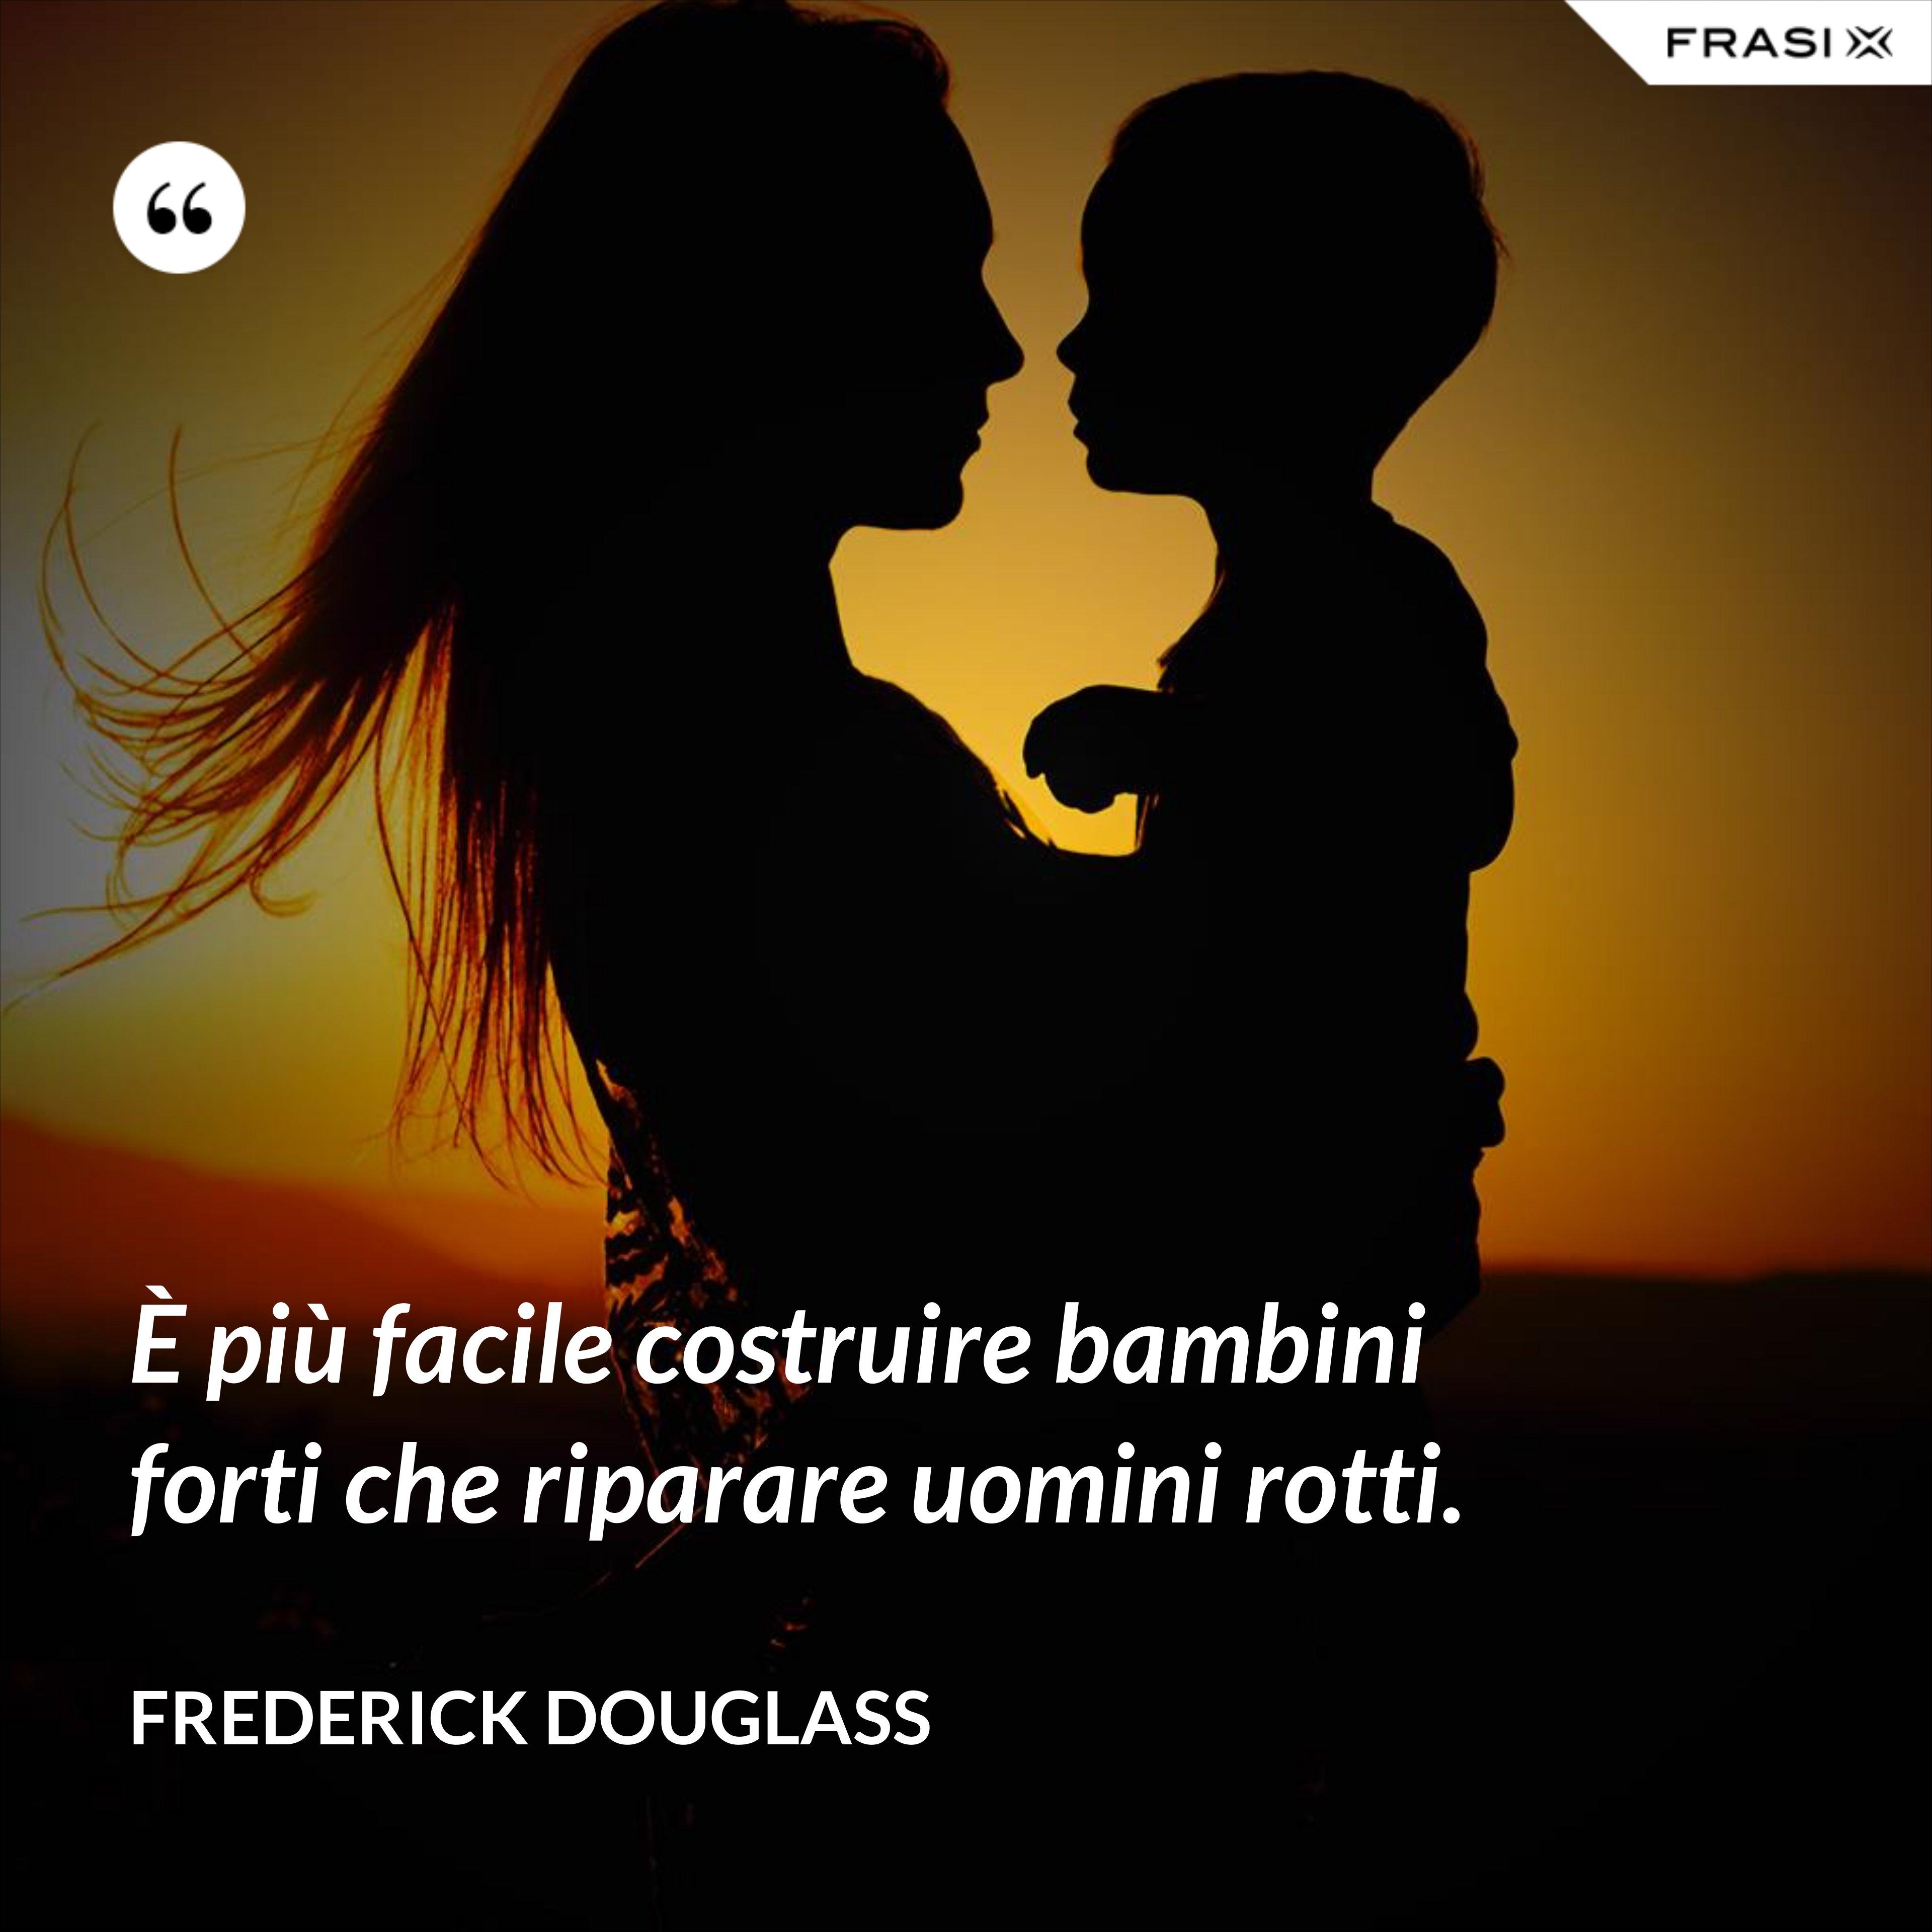 È più facile costruire bambini forti che riparare uomini rotti. - Frederick Douglass